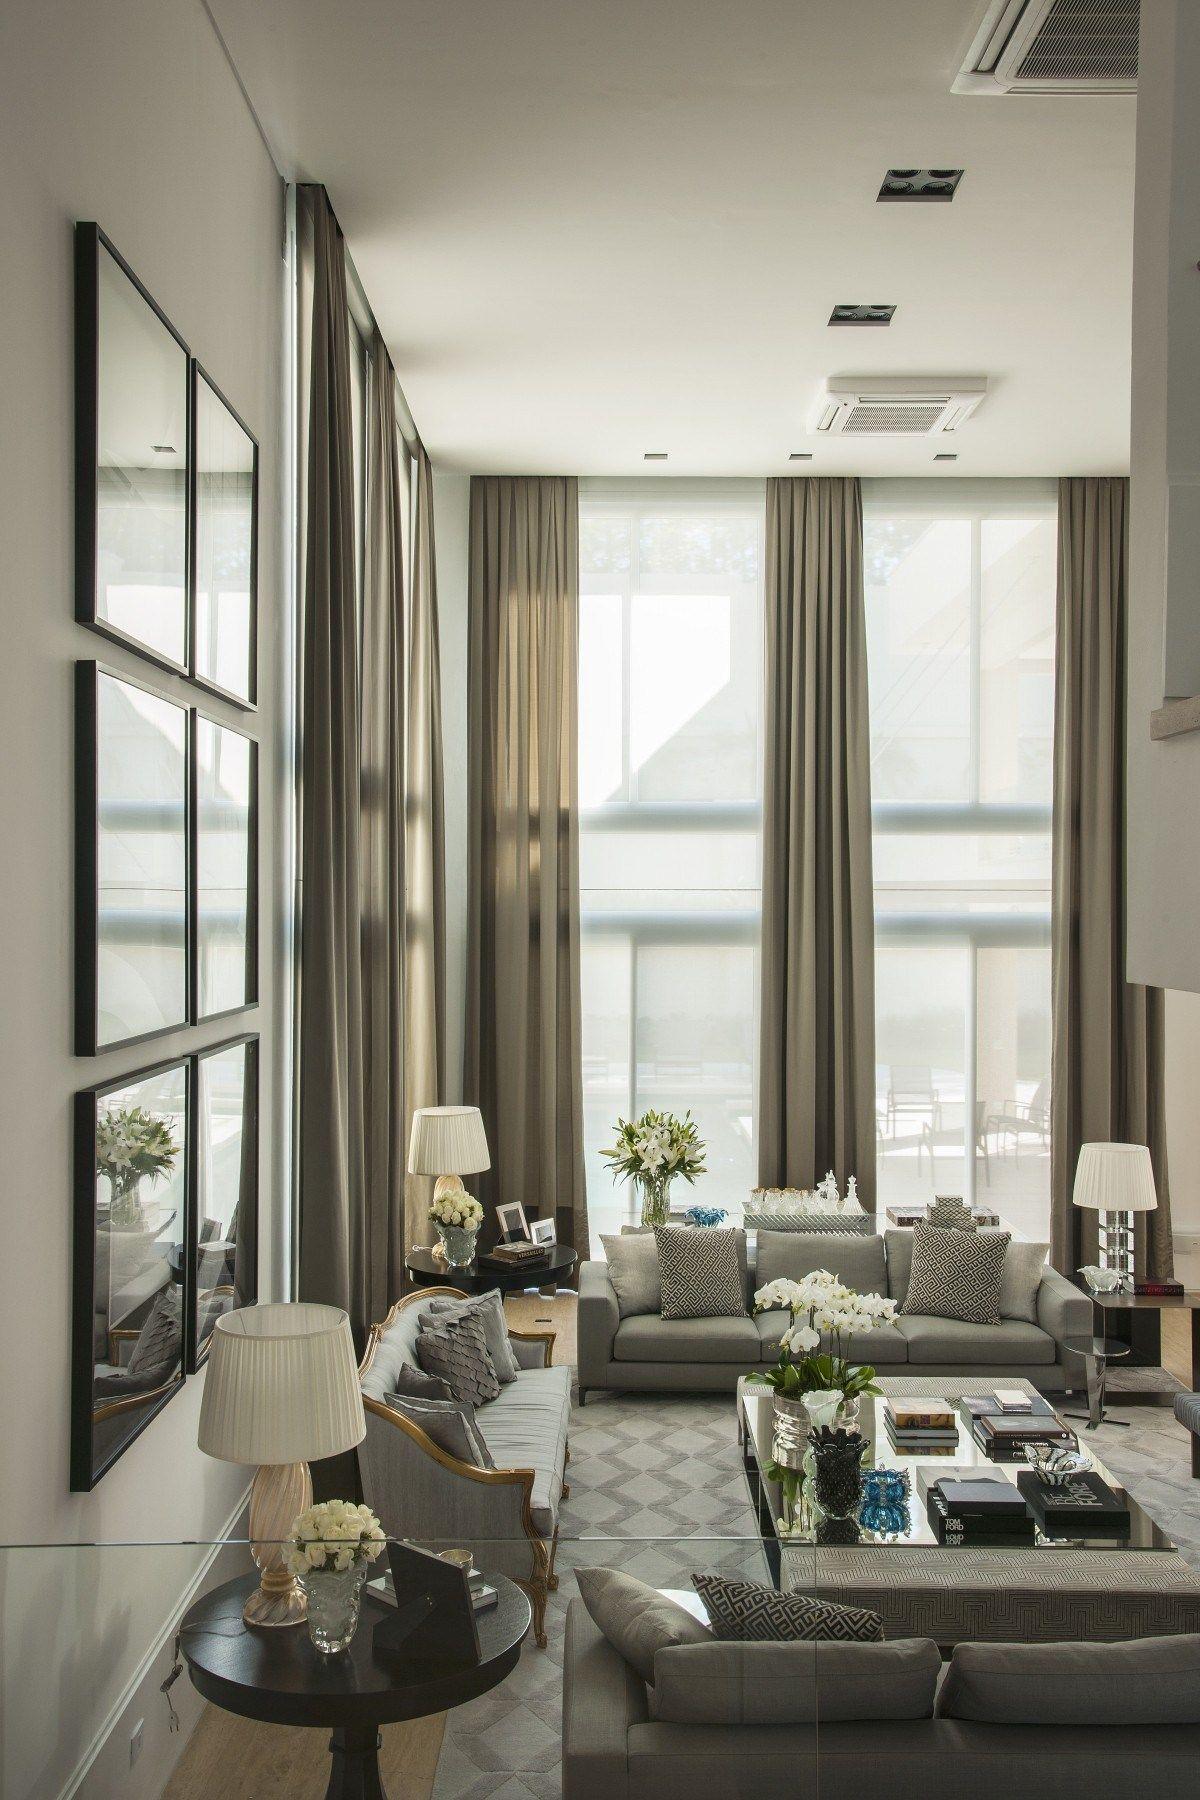 inspirational bauernhaus modern einrichten home decor ideas rh pinterest it